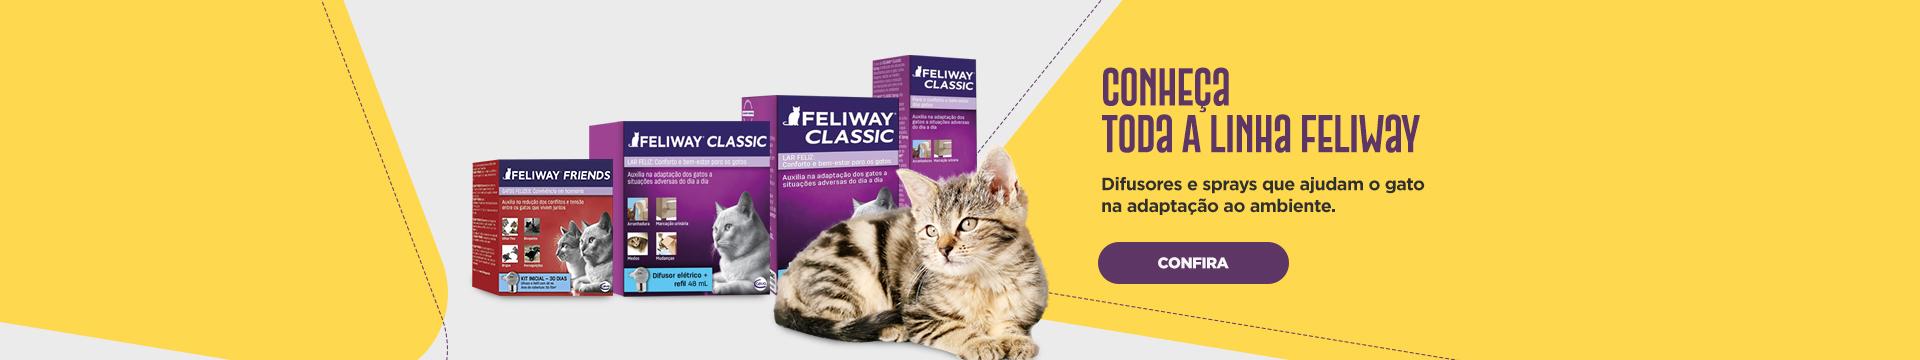 Banner Feliway